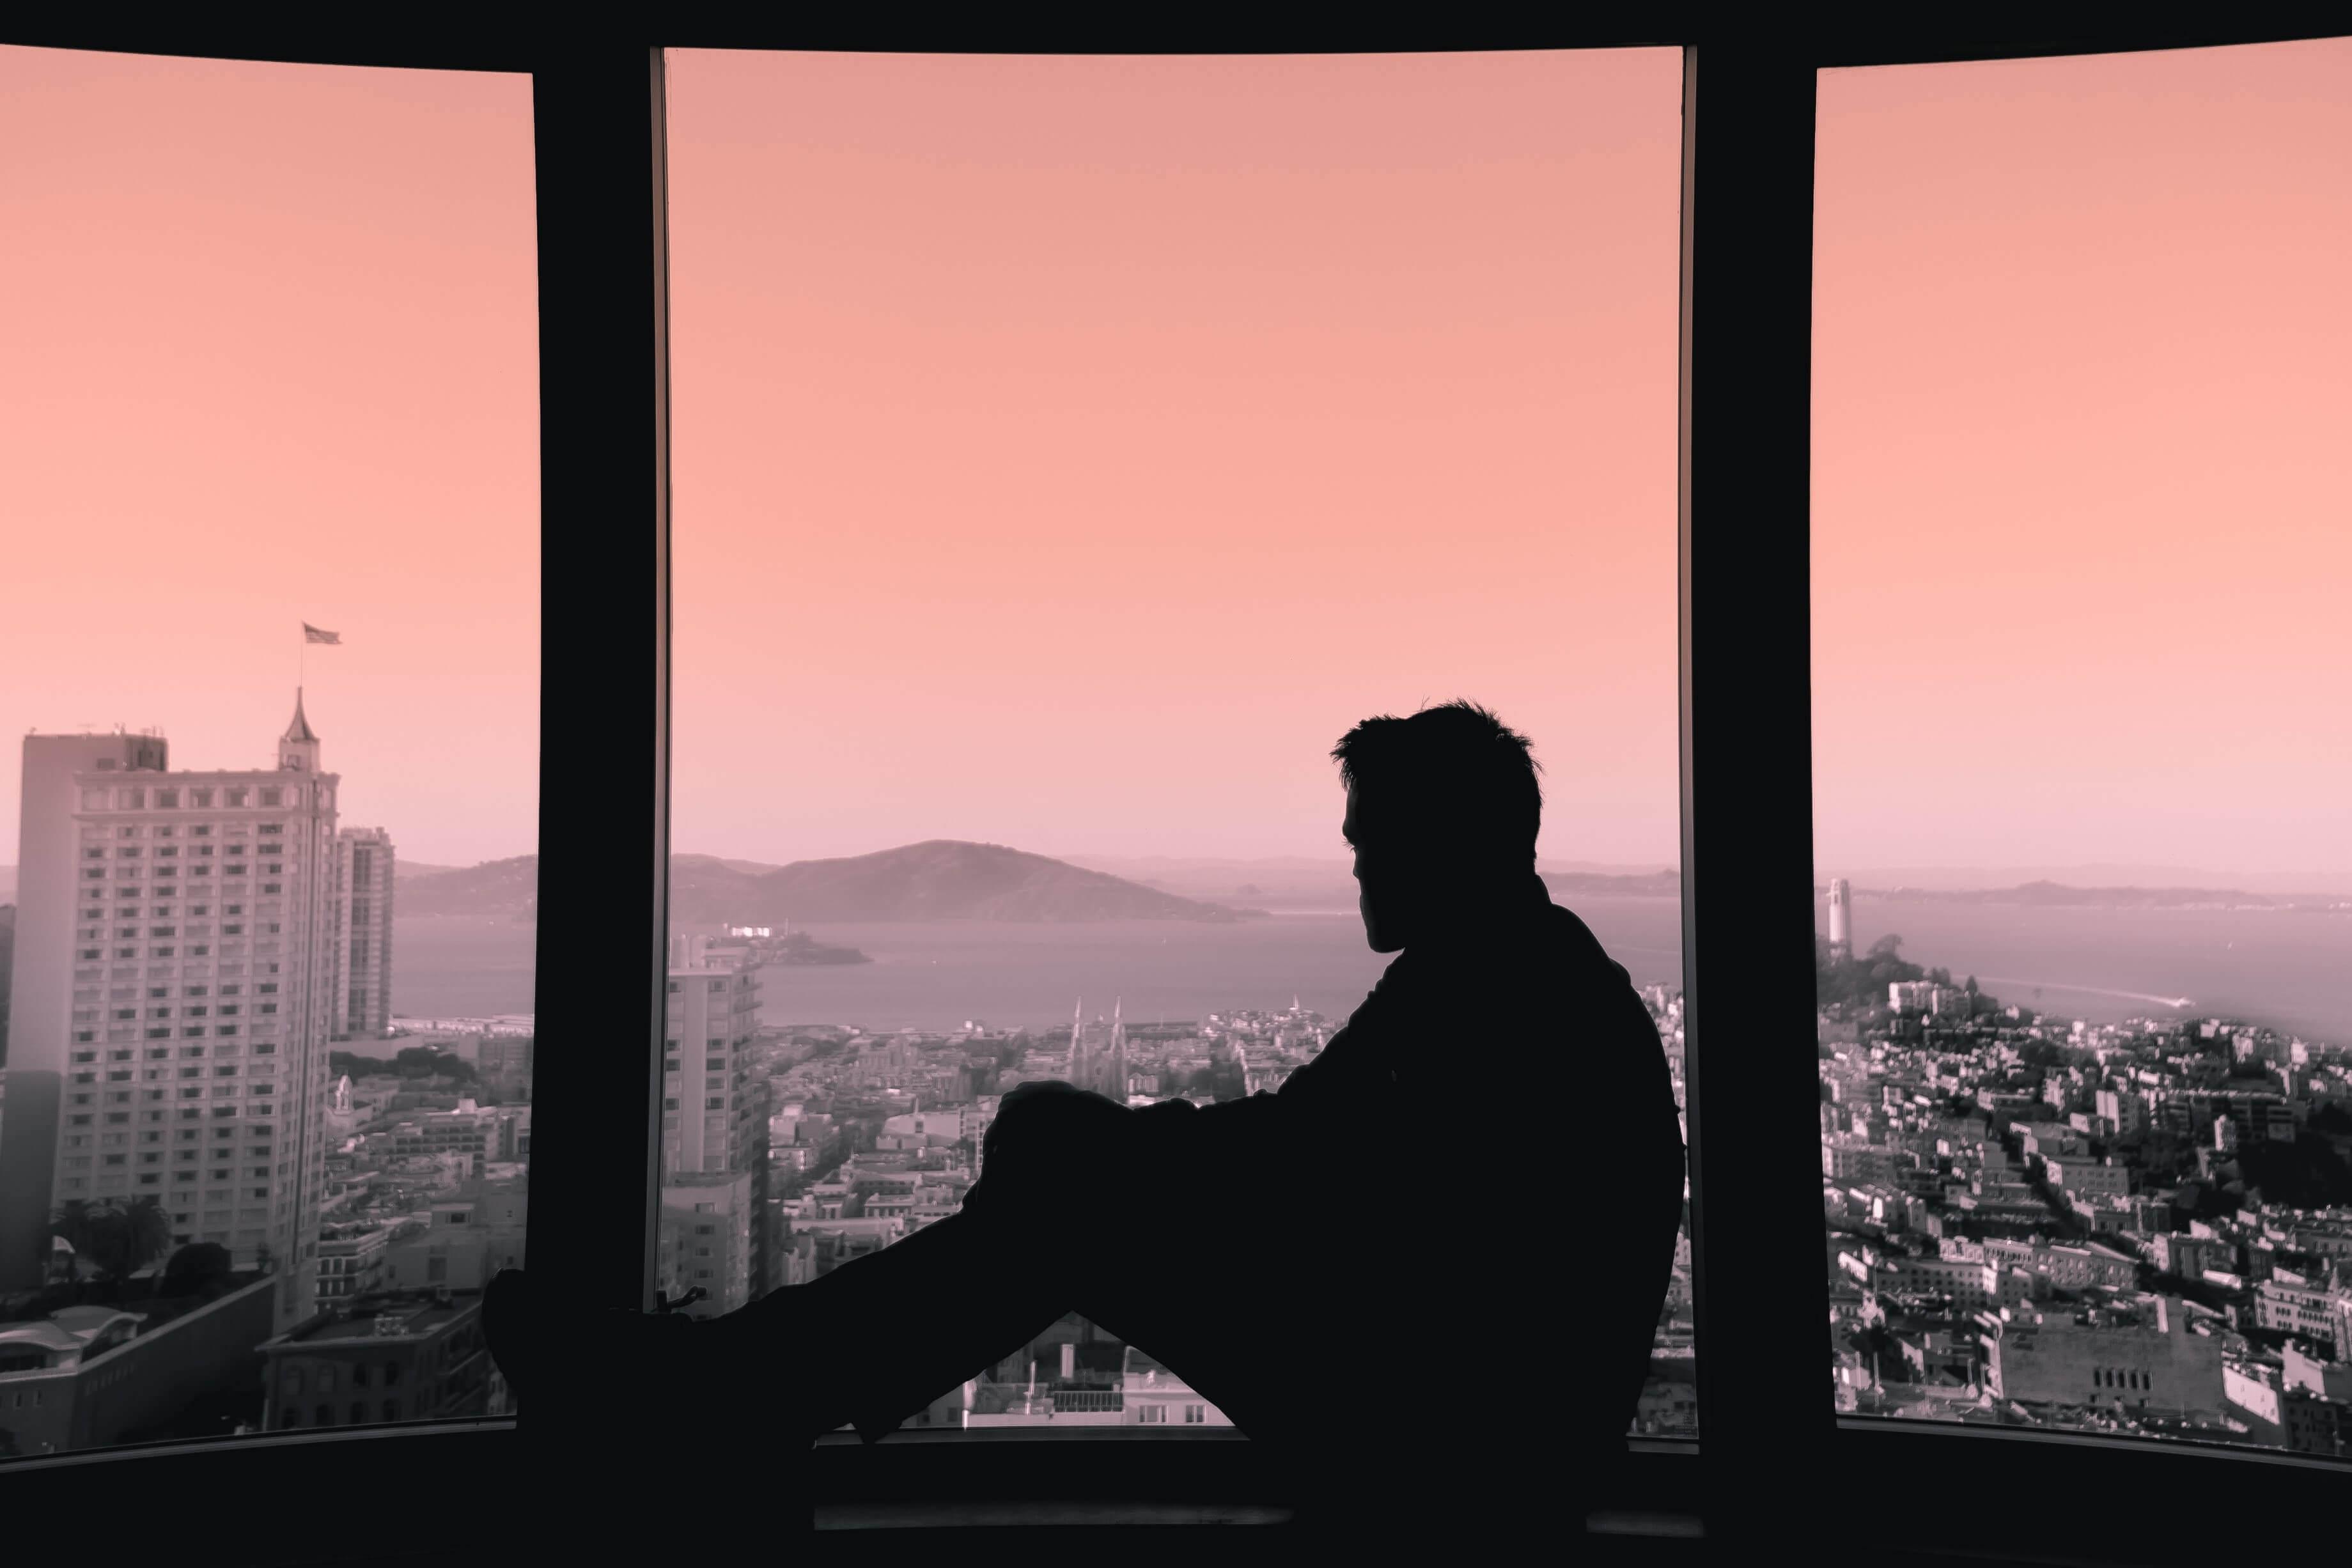 Chico mirando por la ventana pensando en el valor de echar de menos